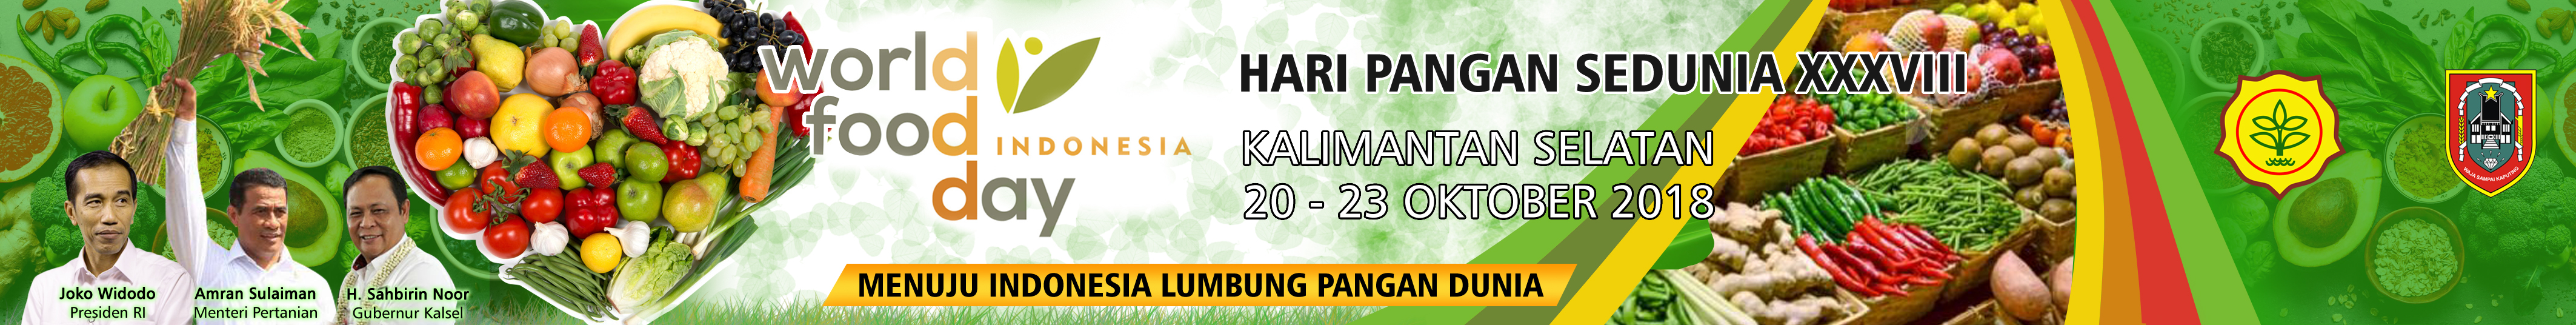 Banner Hari Pangan Sedunia